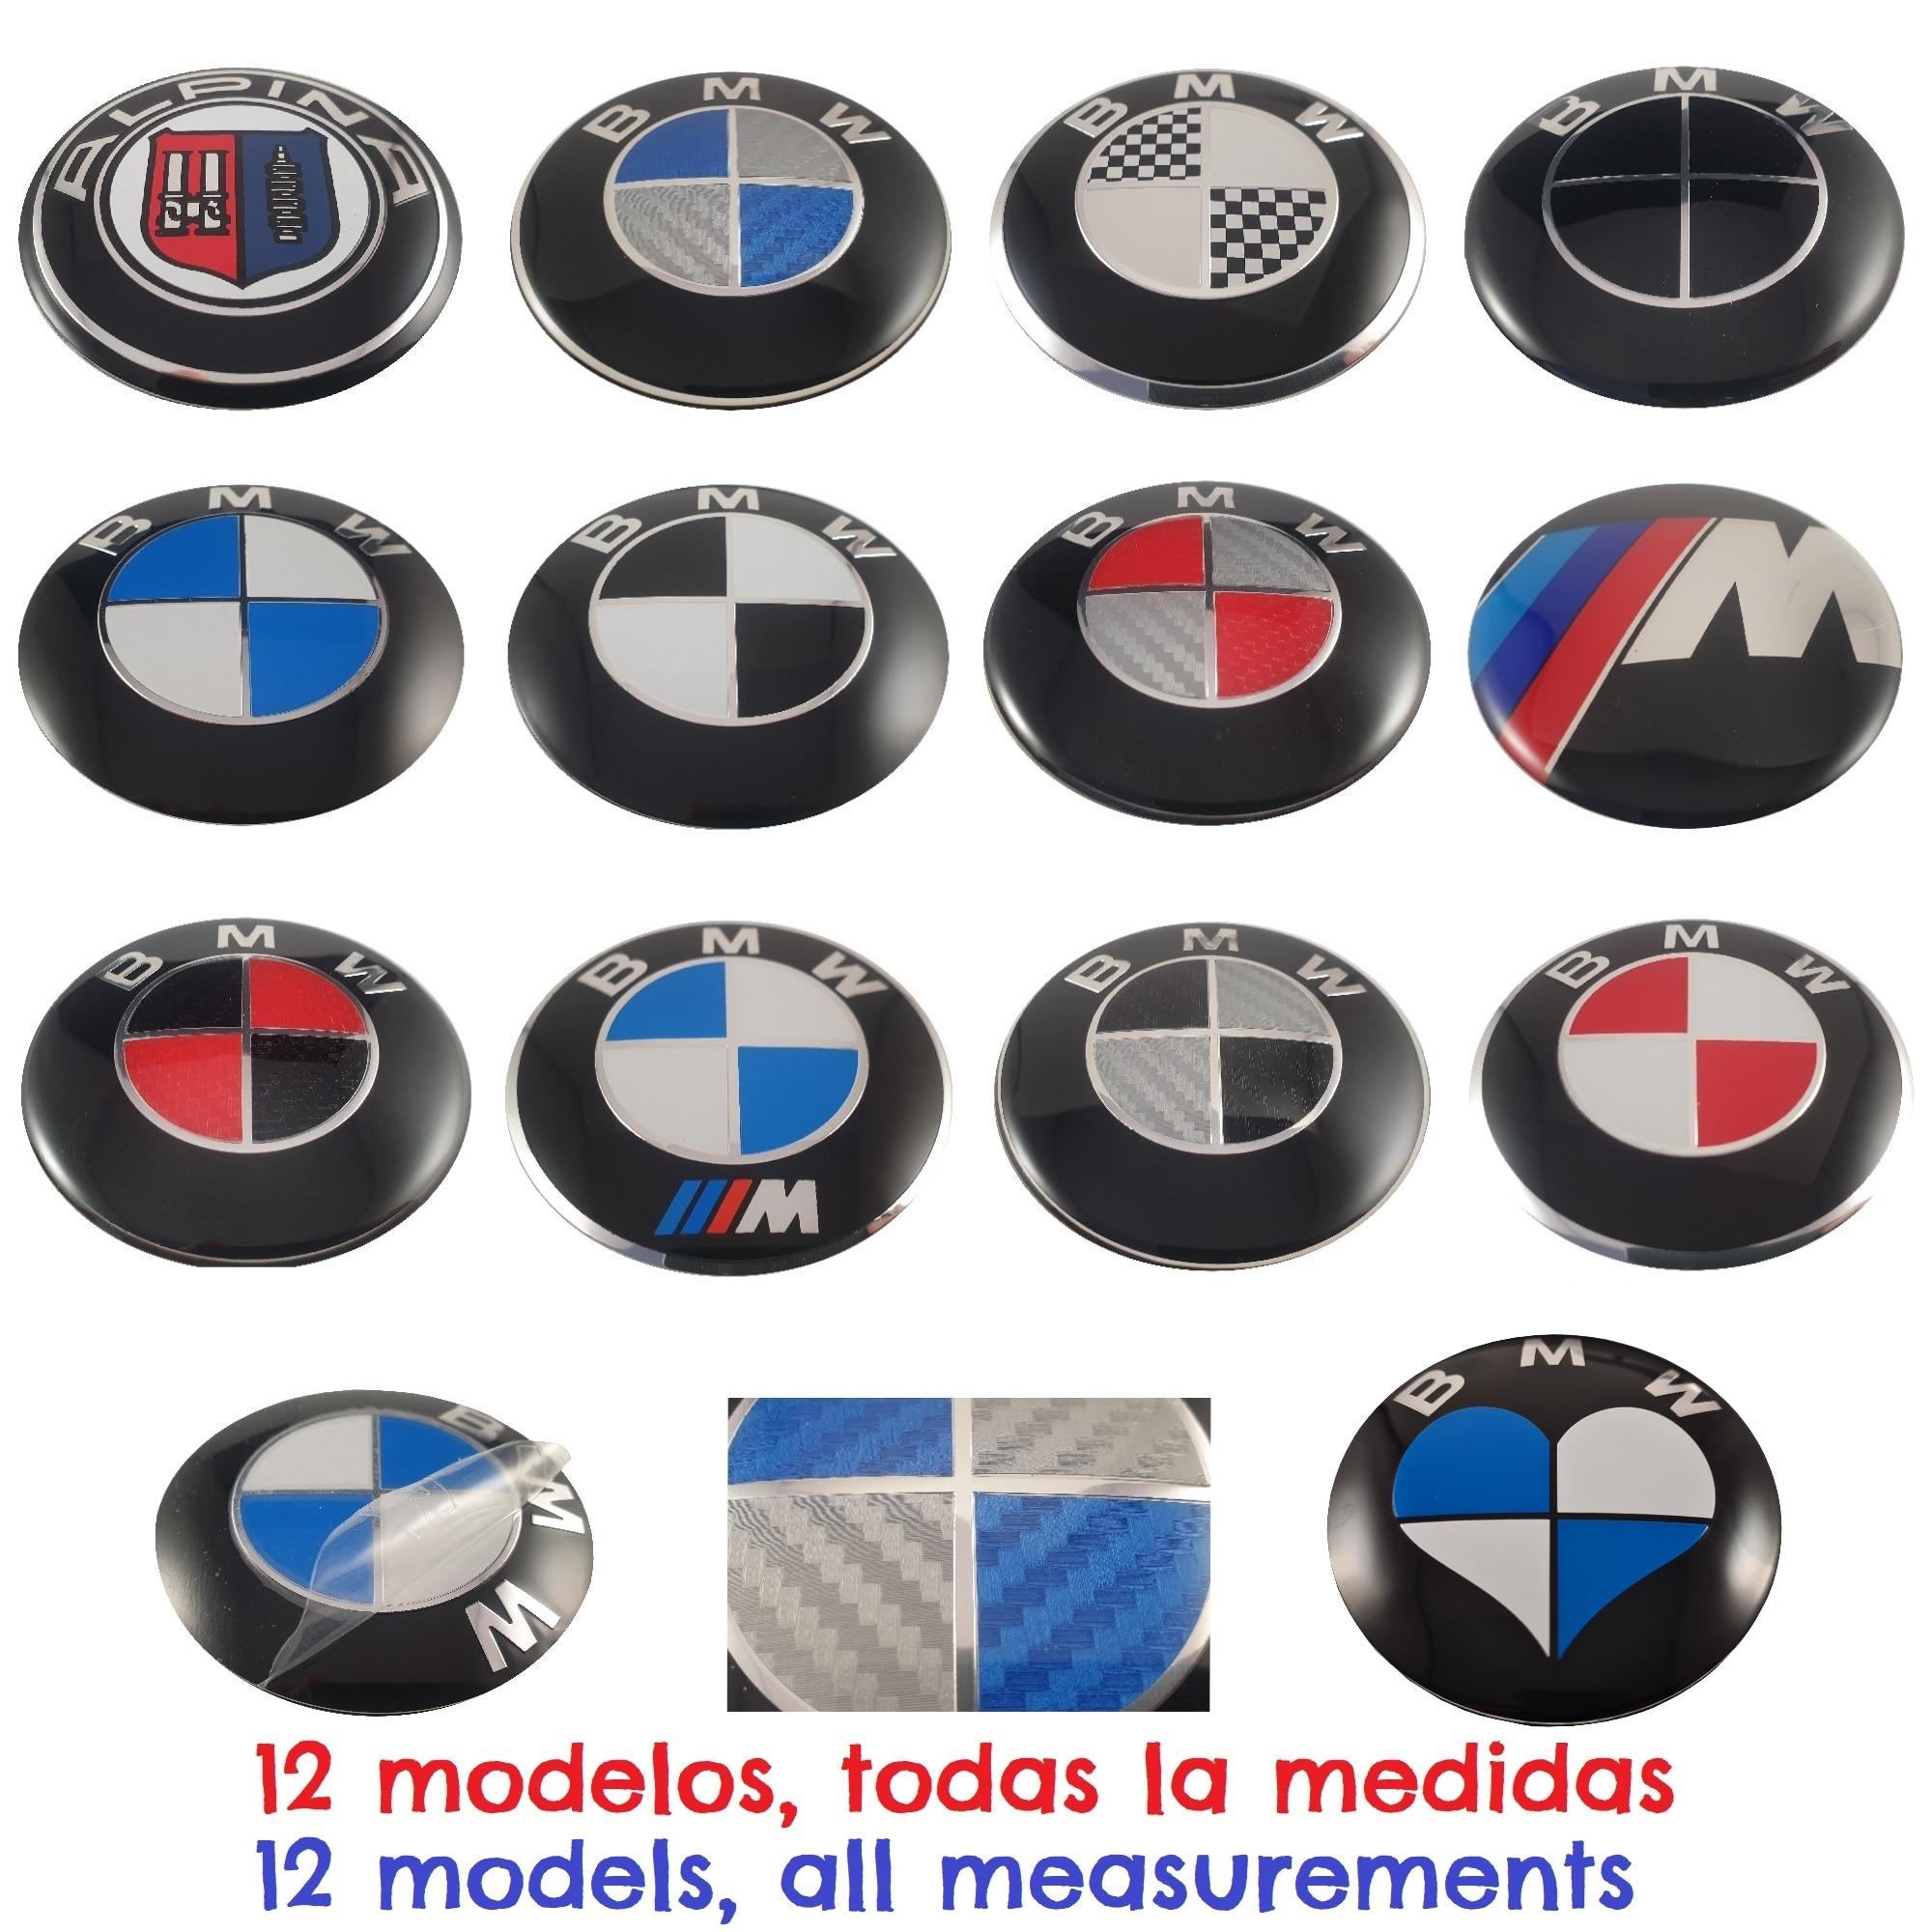 Logotipo BMW compatível 82mm 78mm 74mm 68mm 45mm 11mm para o Logotipo do carro emblema automobile (não é original BMW) aut016